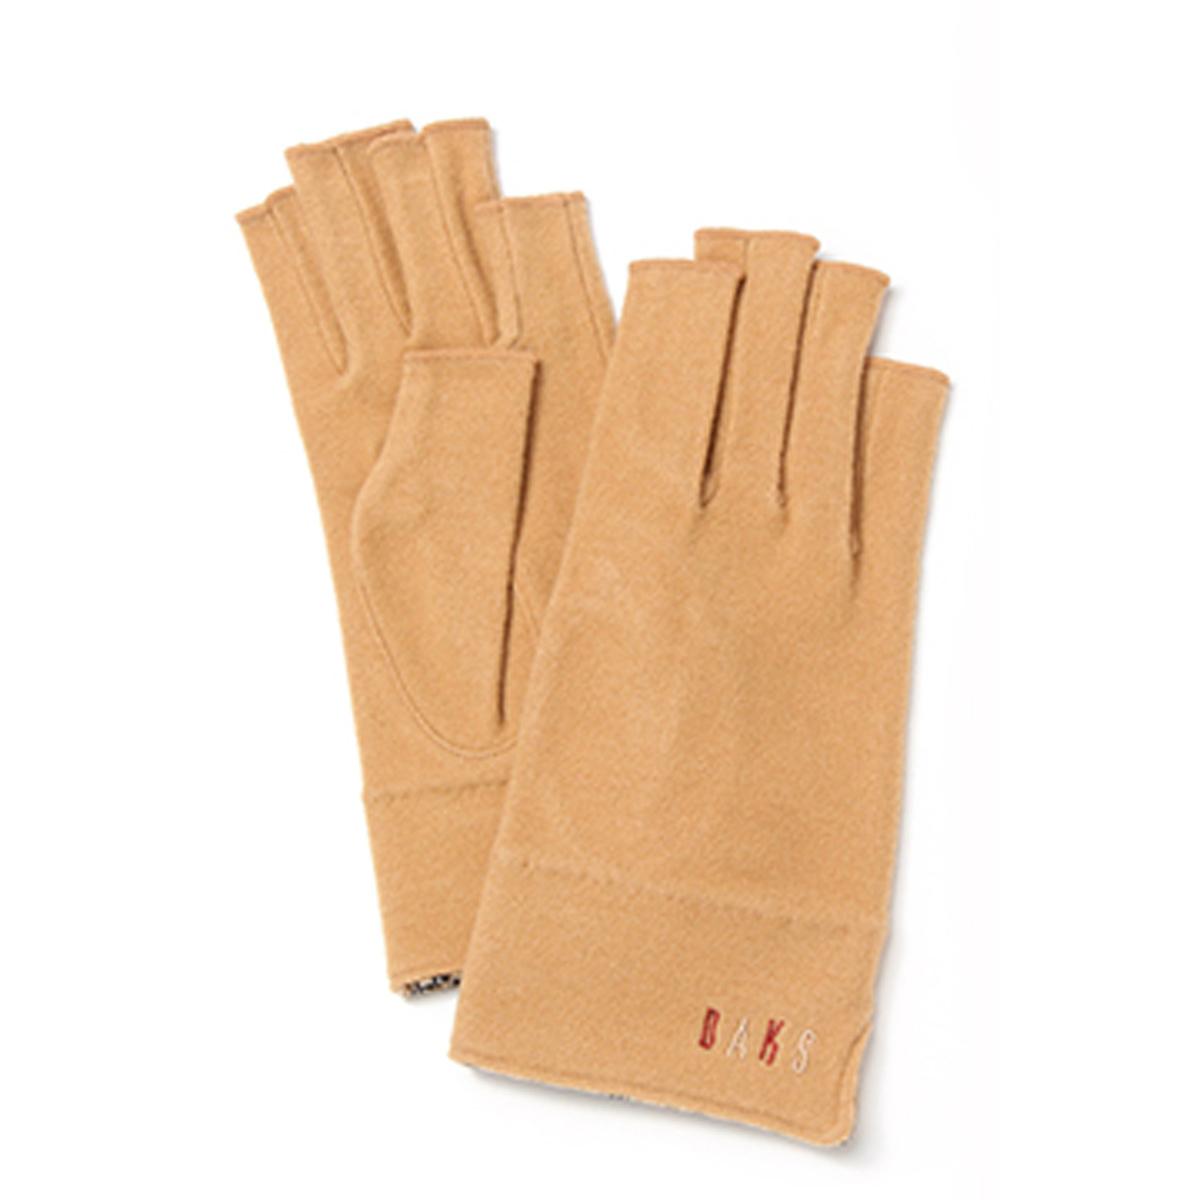 DAKS ロゴ刺繍 裾裏ハスチェック アクリルテンセルジャージ 指なしレディース手袋 日本製 Mサイズ 全4色